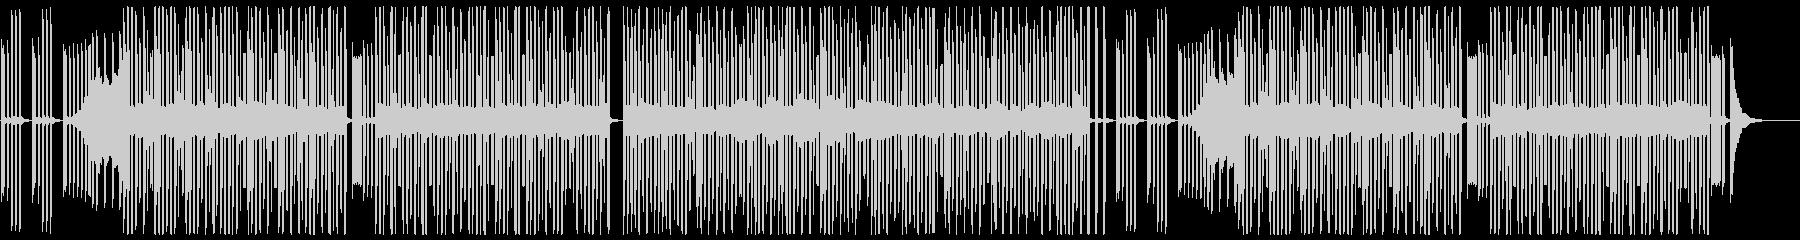 3分クッキングっぽい曲_ショートverの未再生の波形